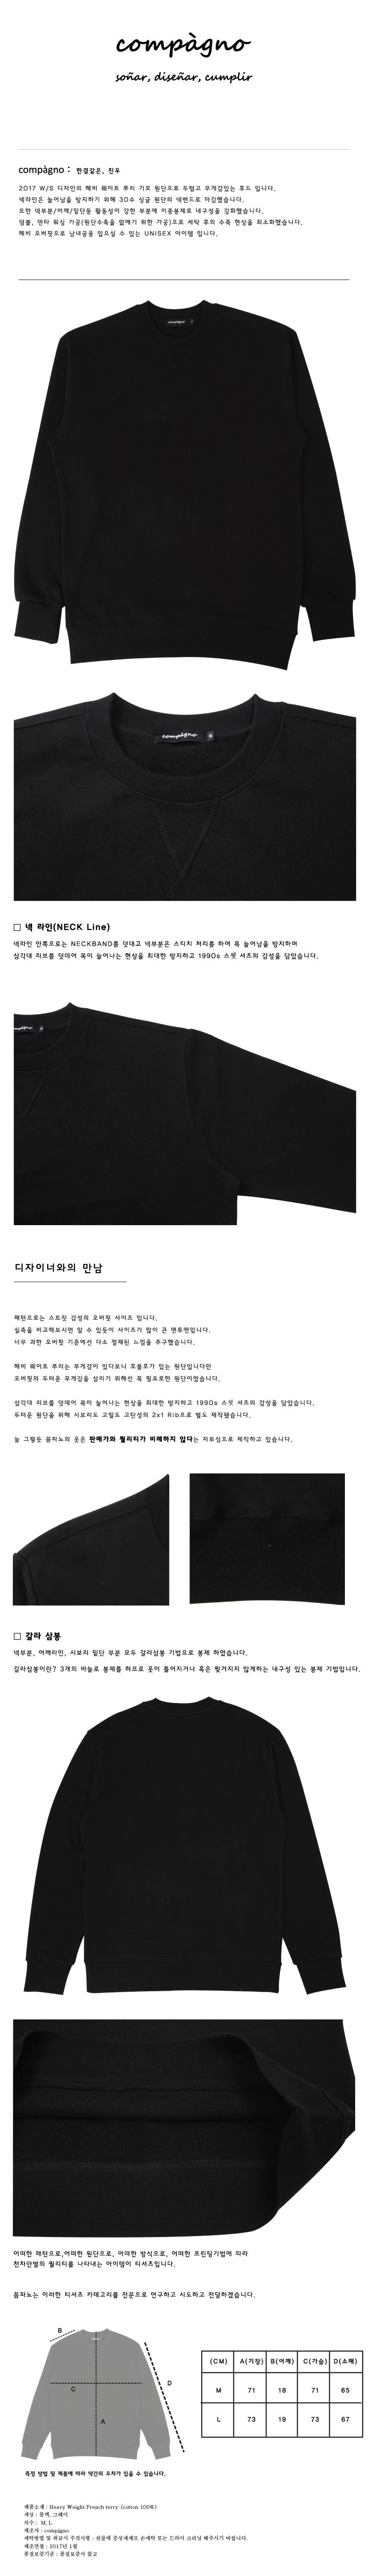 꼼파뇨(COMPAGNO) 헤비웨이트 쭈리 삼각 맨투맨 블랙